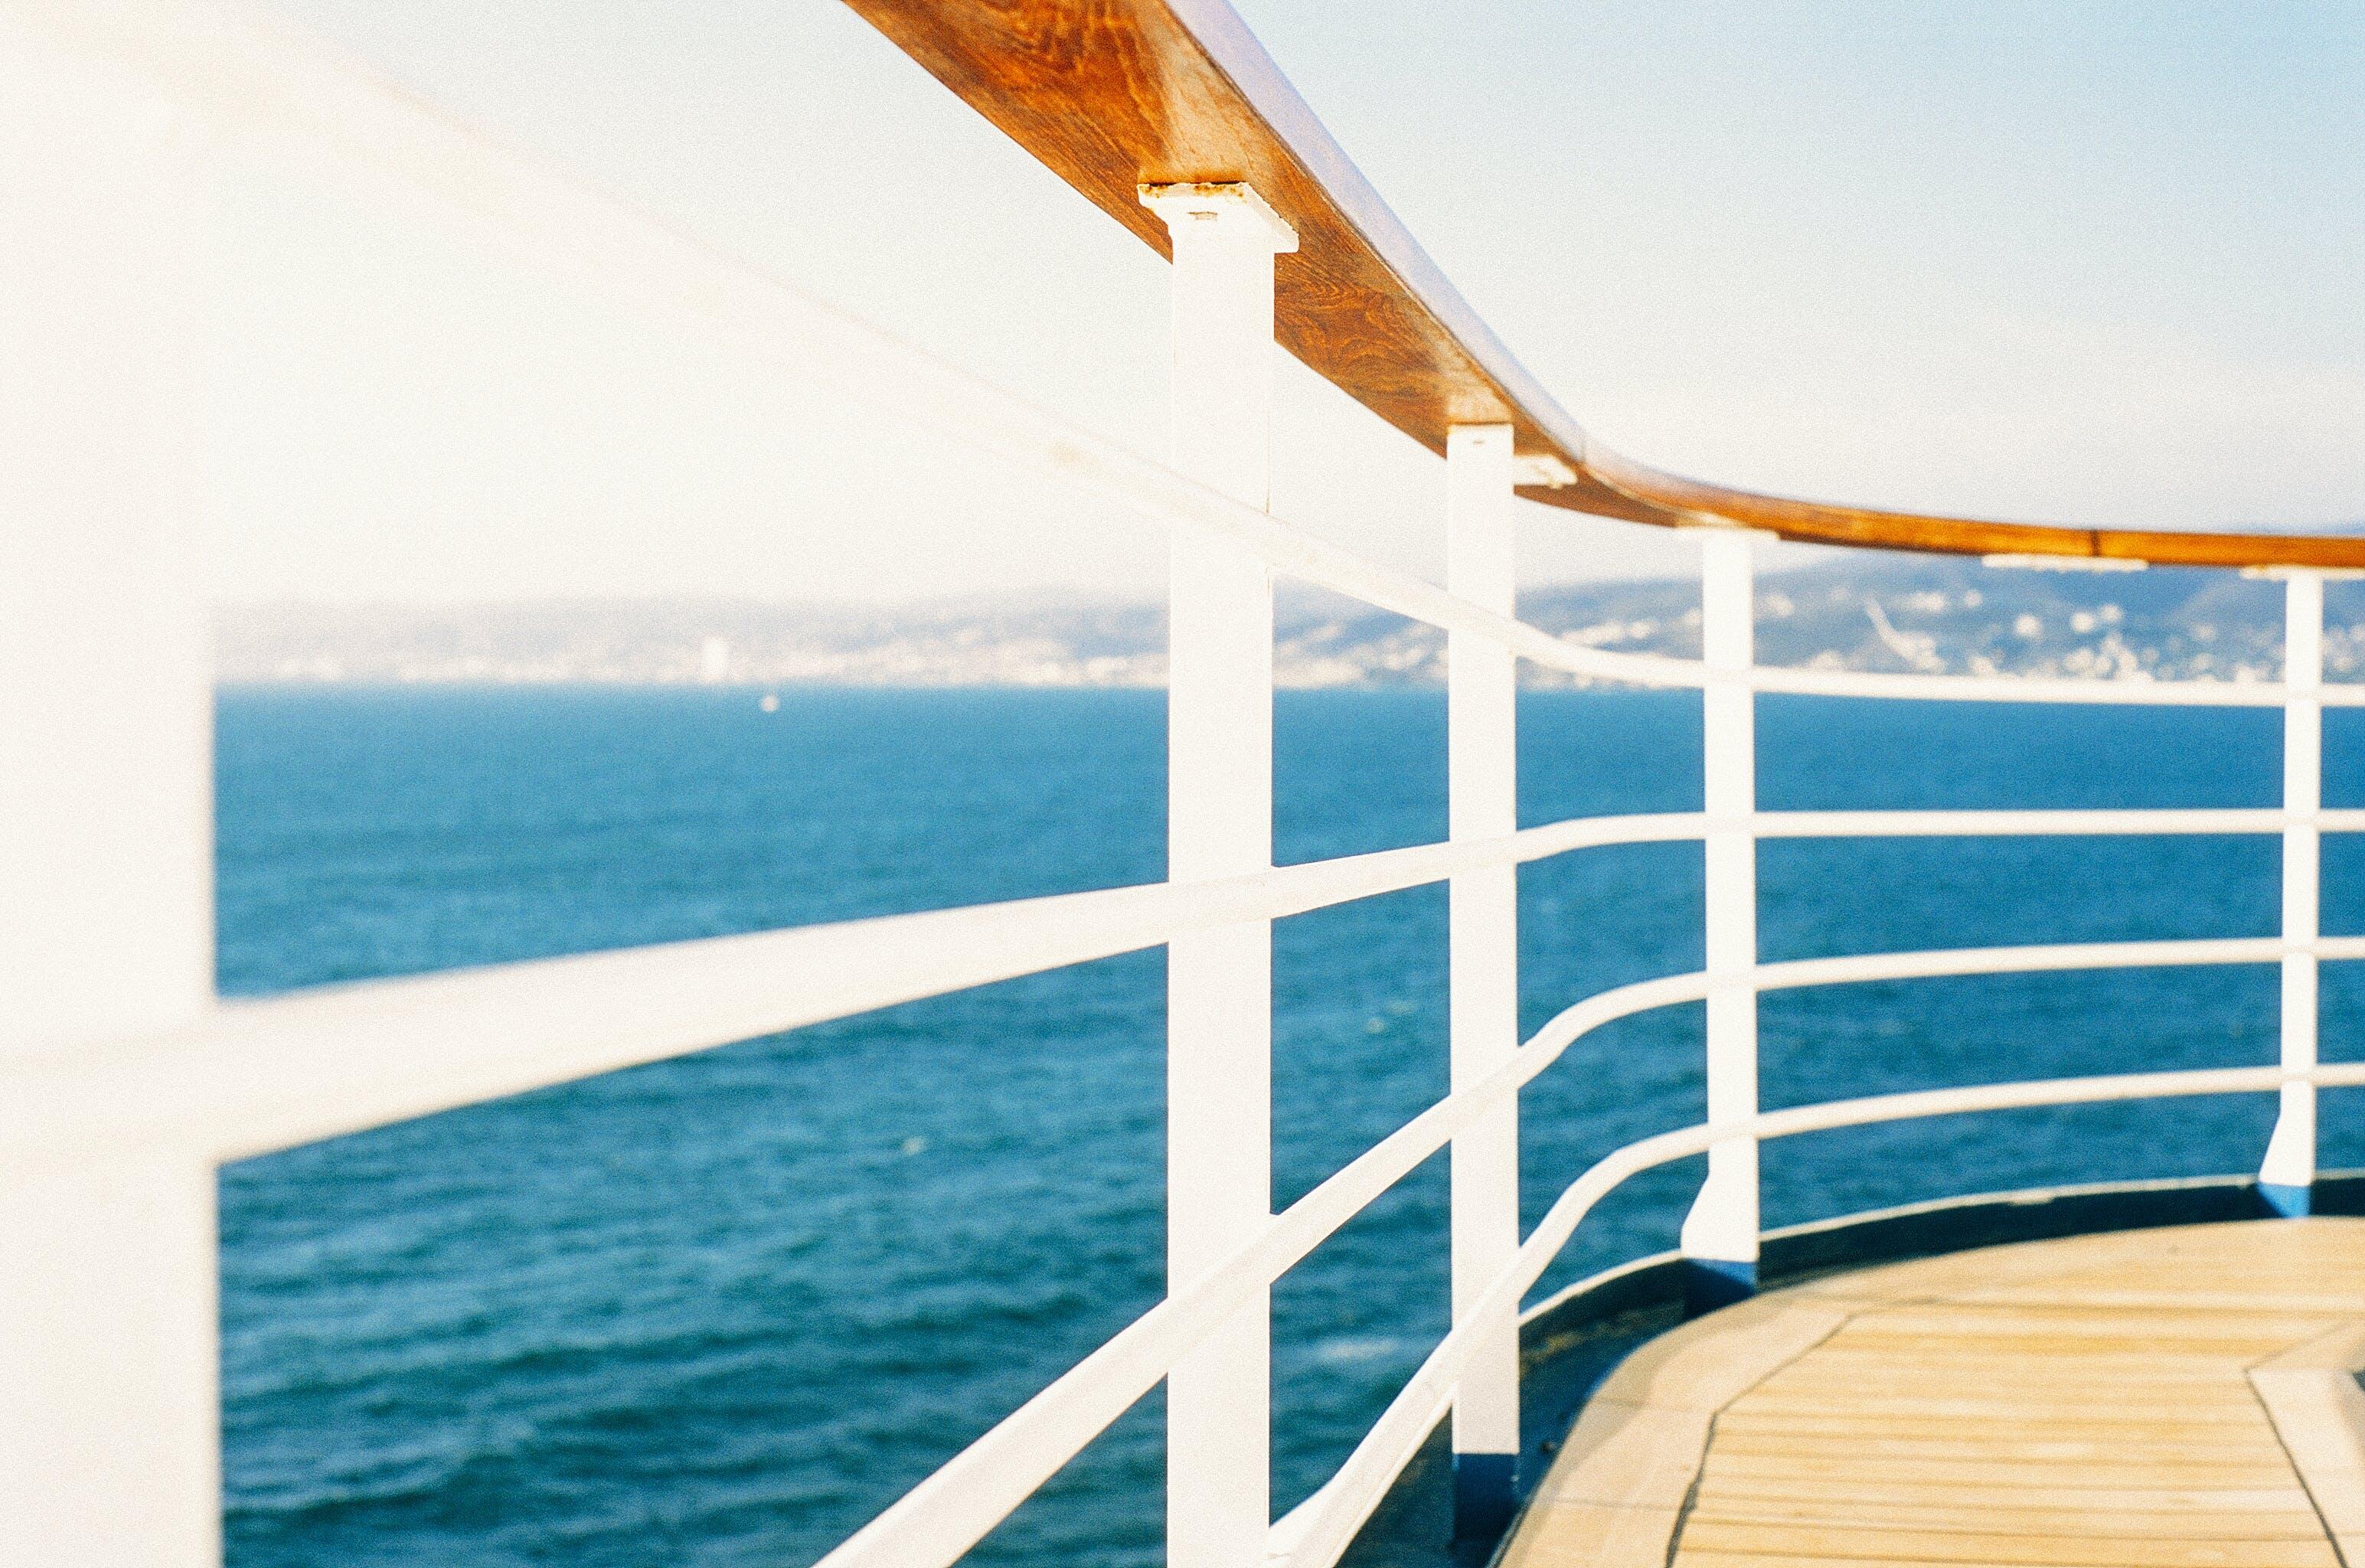 boat, ocean, railing